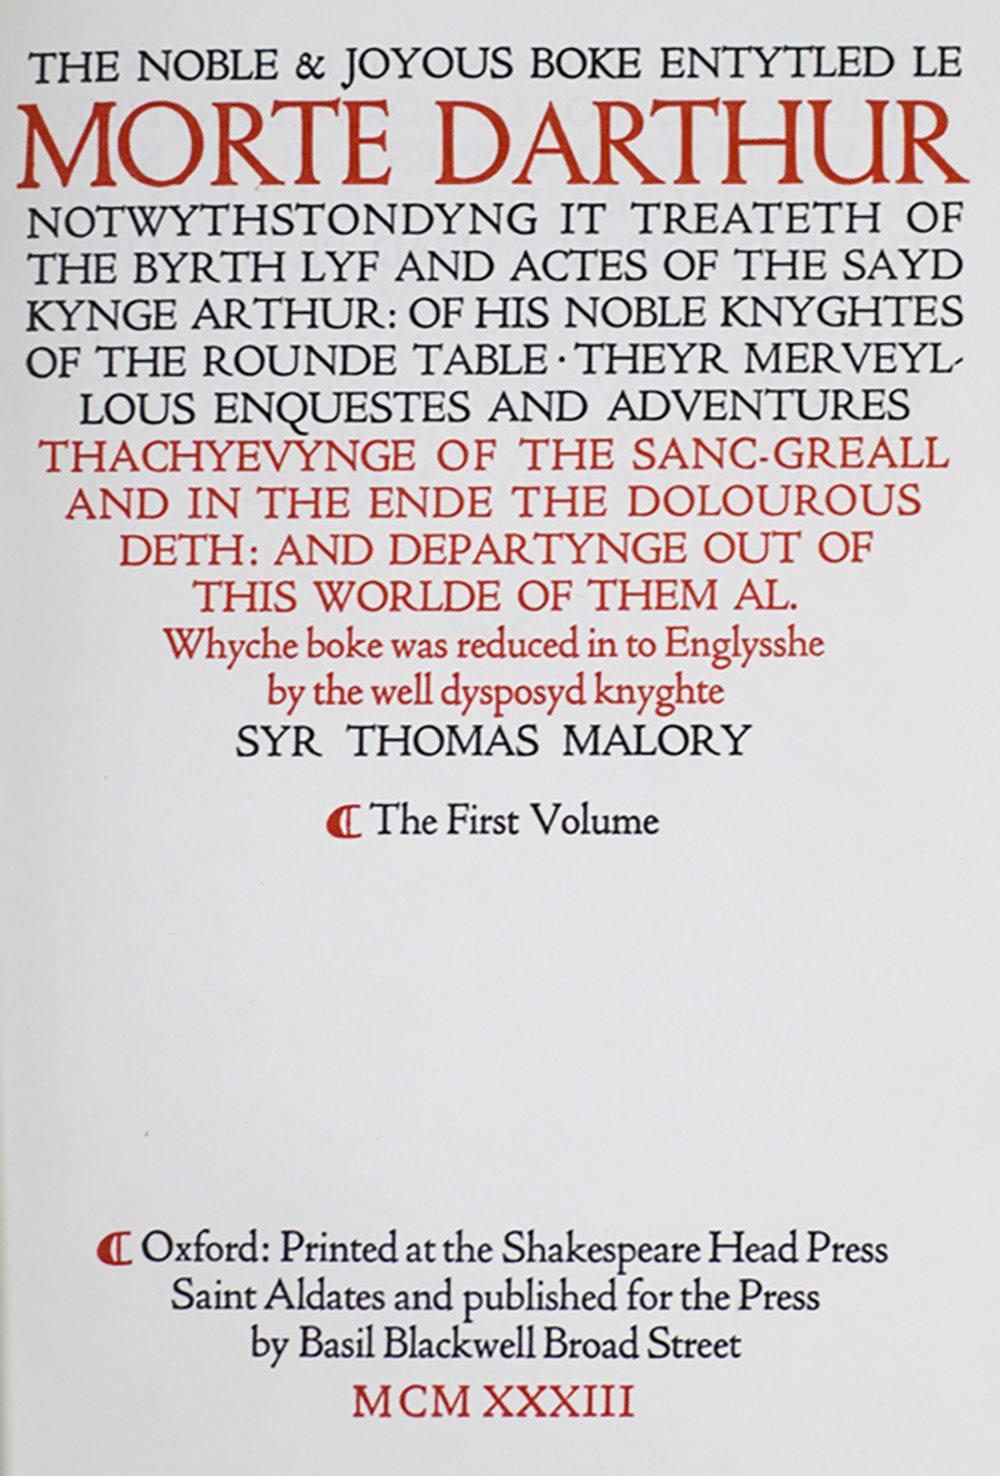 The Noble and Joyous Boke Entytled Le Morte D'Arthur.